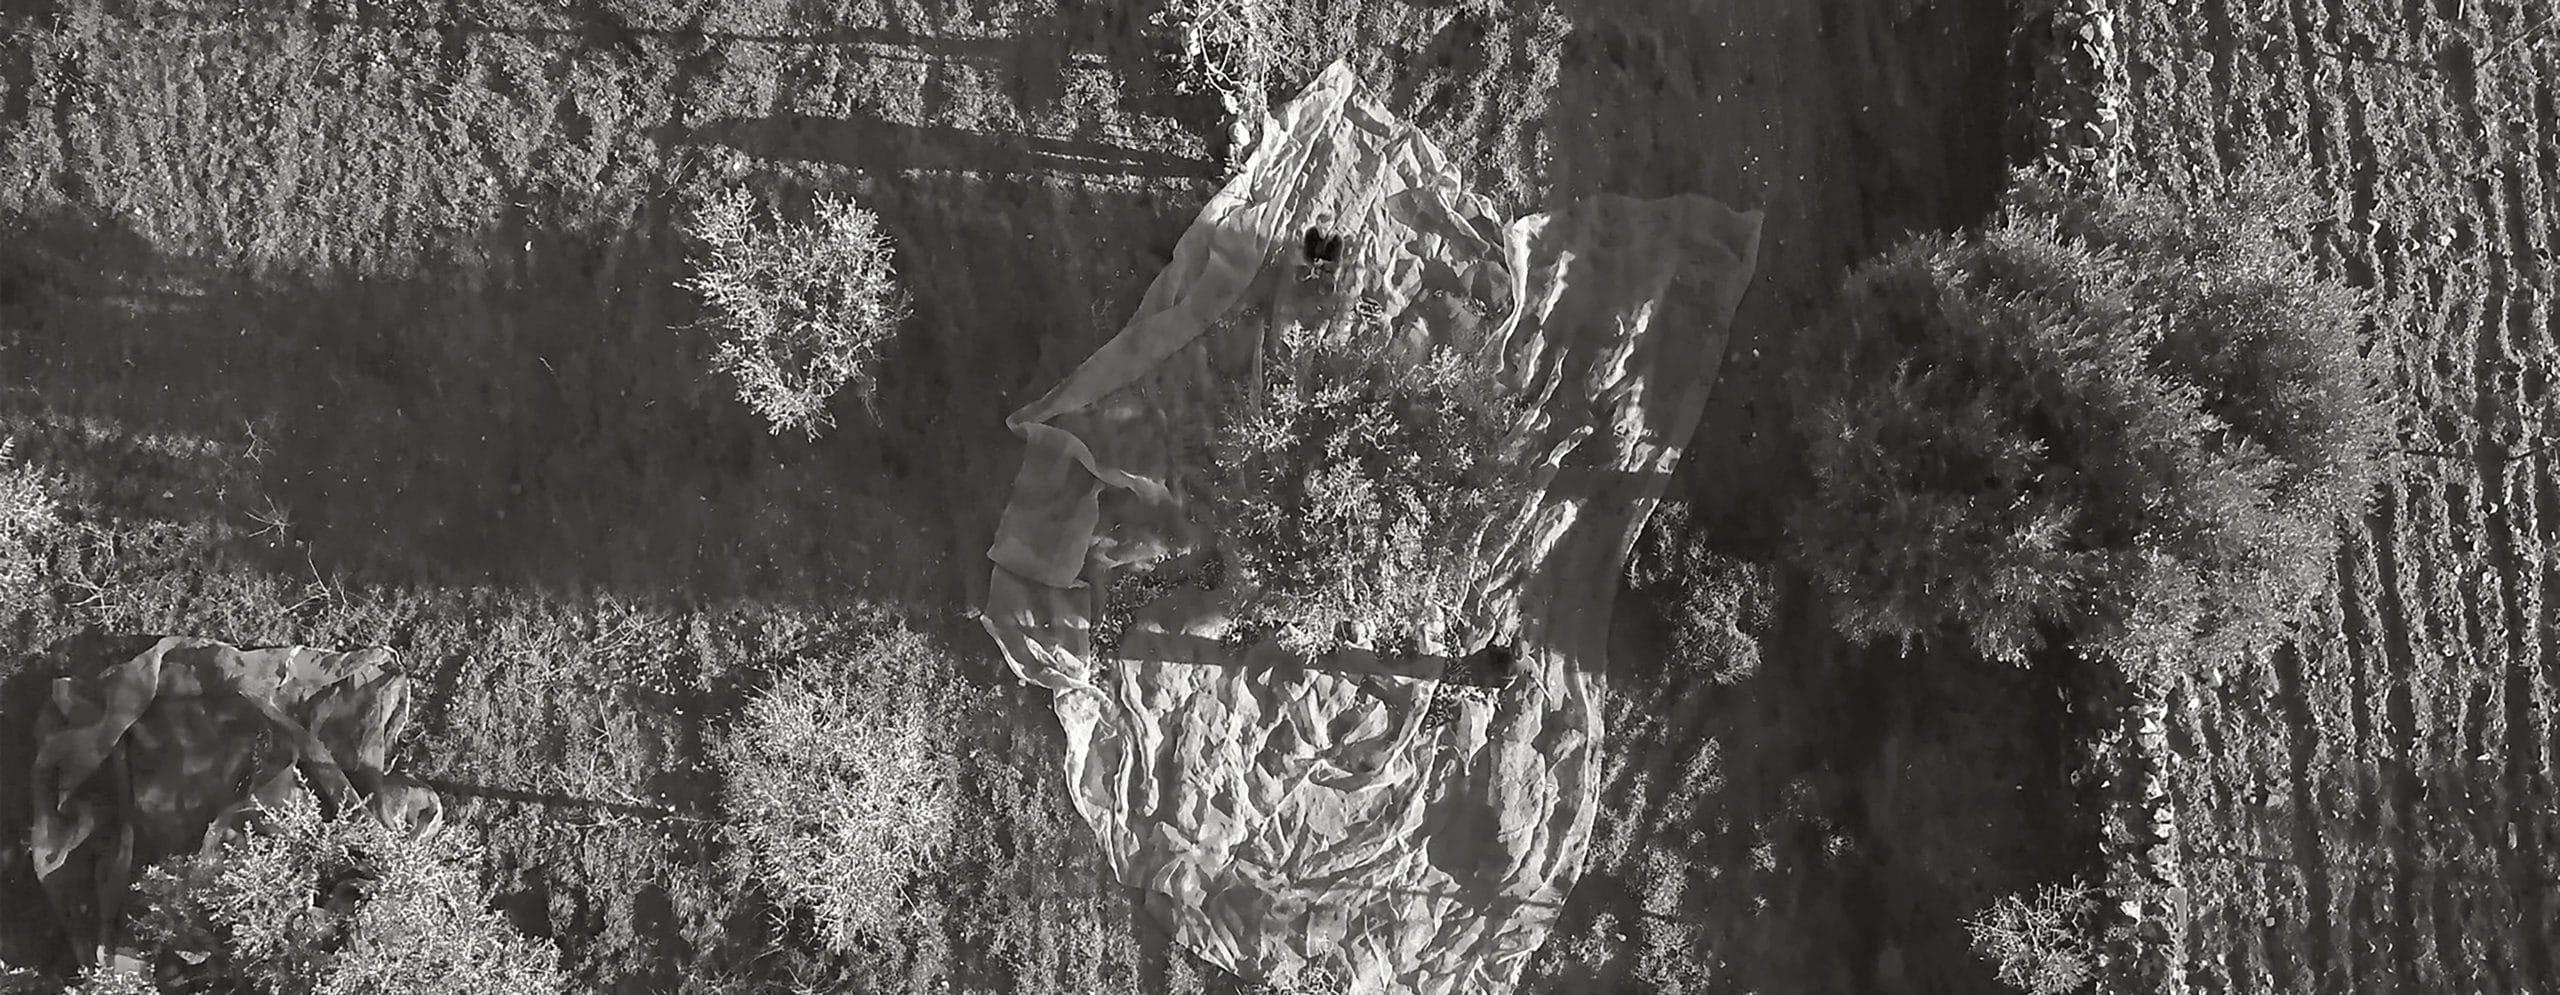 Vale DOURO - La cueillette à la baguette